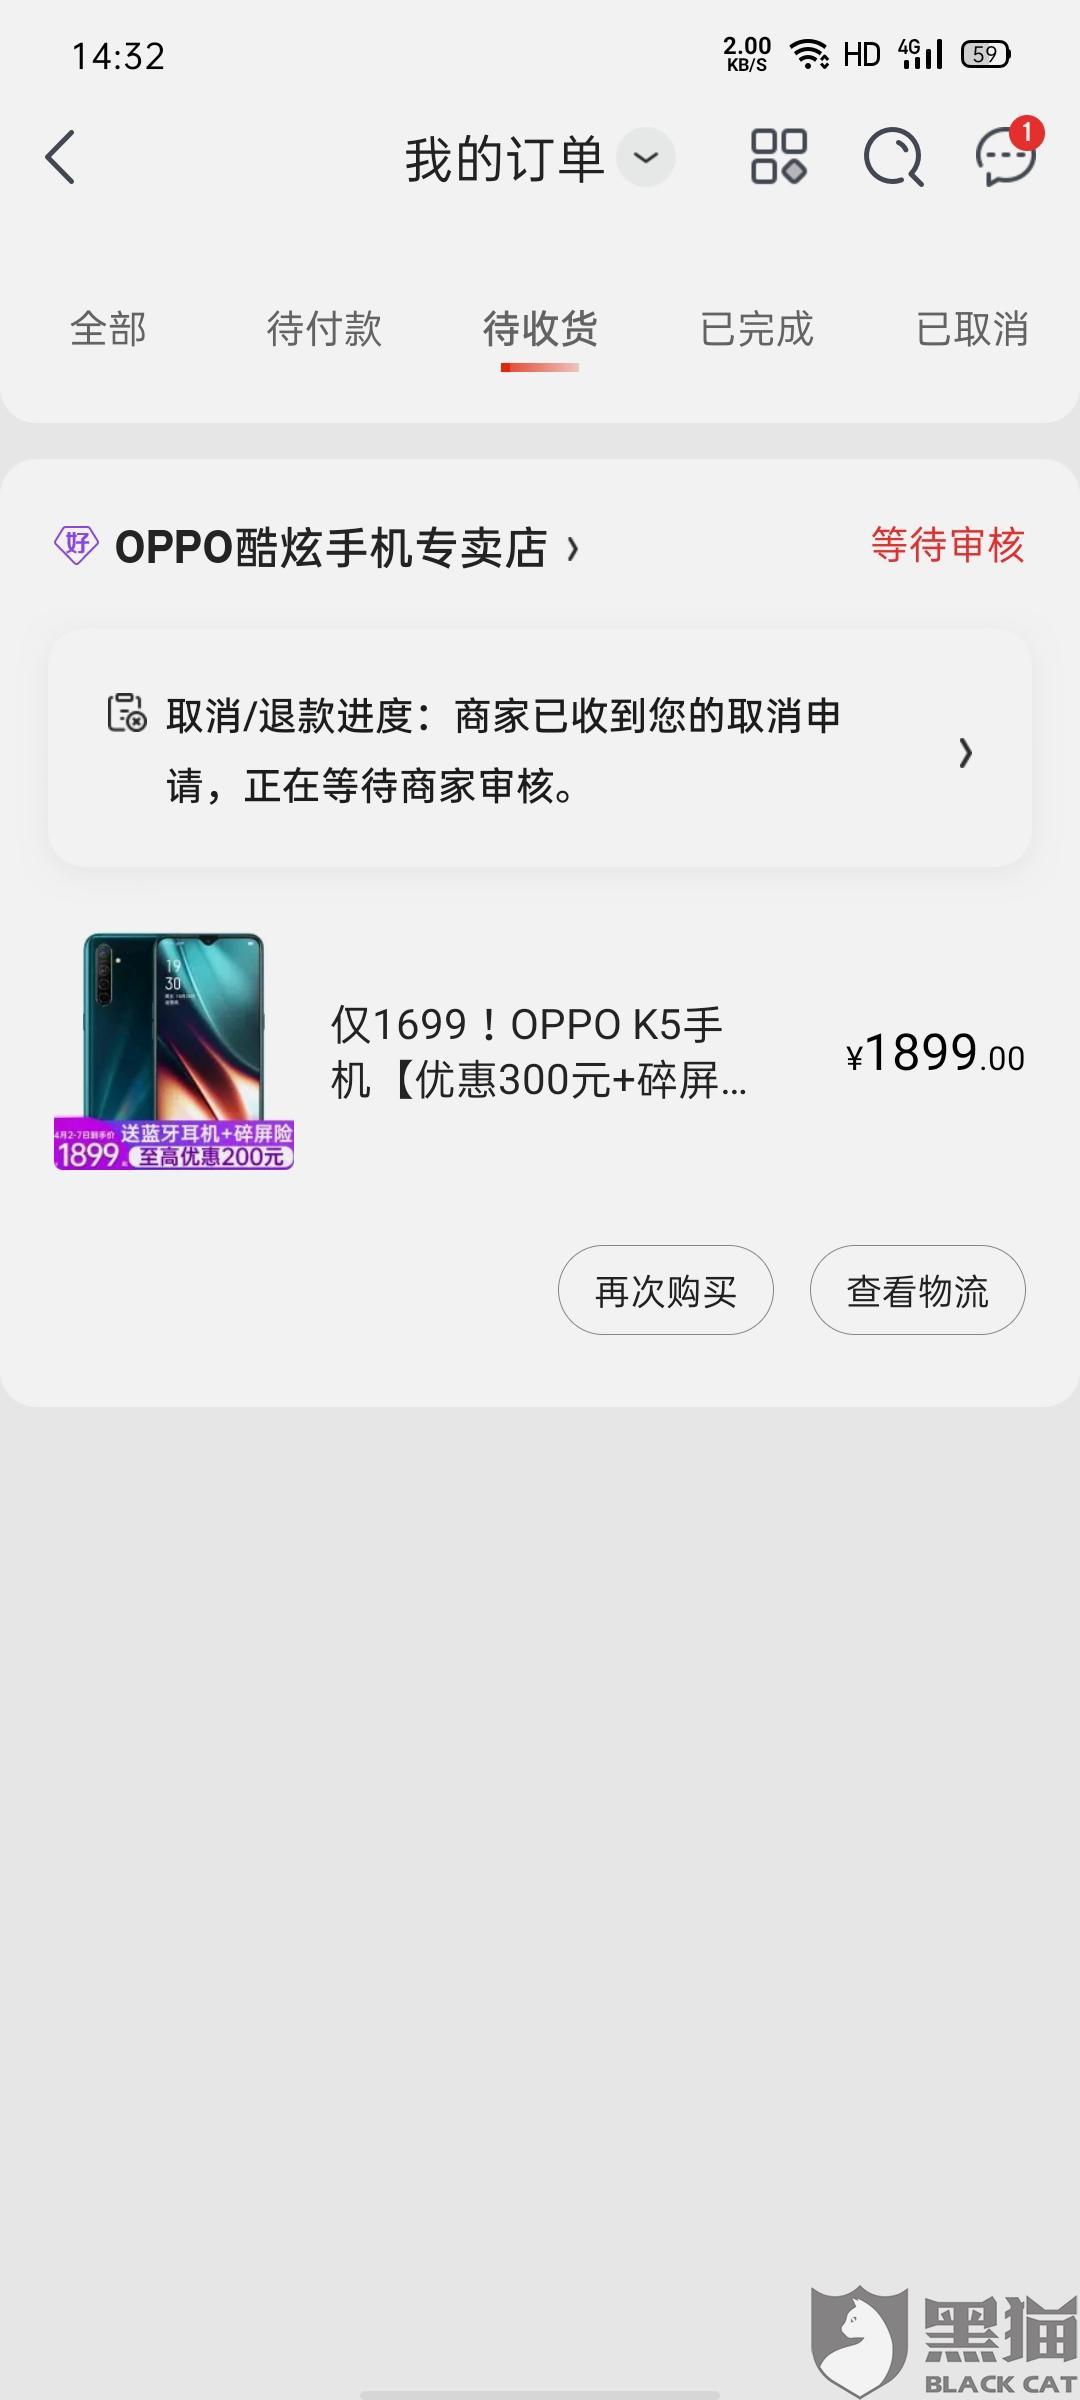 黑猫投诉:京东oppo酷炫手机专卖店